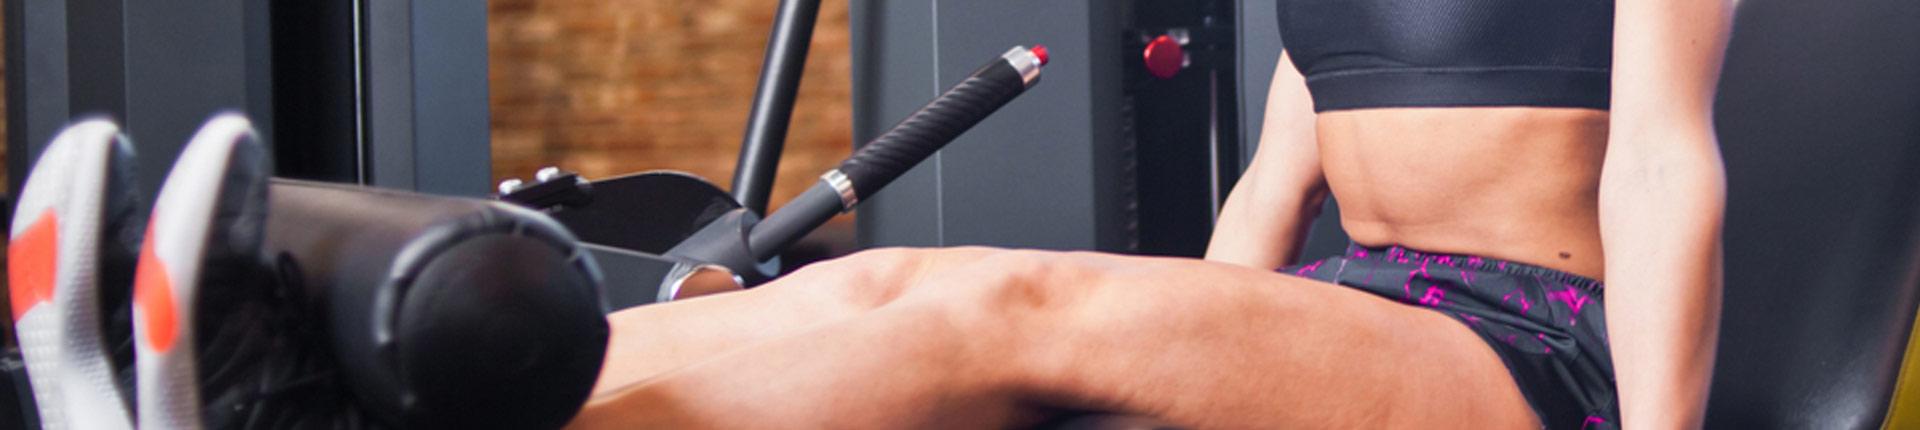 Jakich treningów i porad powinny unikać kobiety?